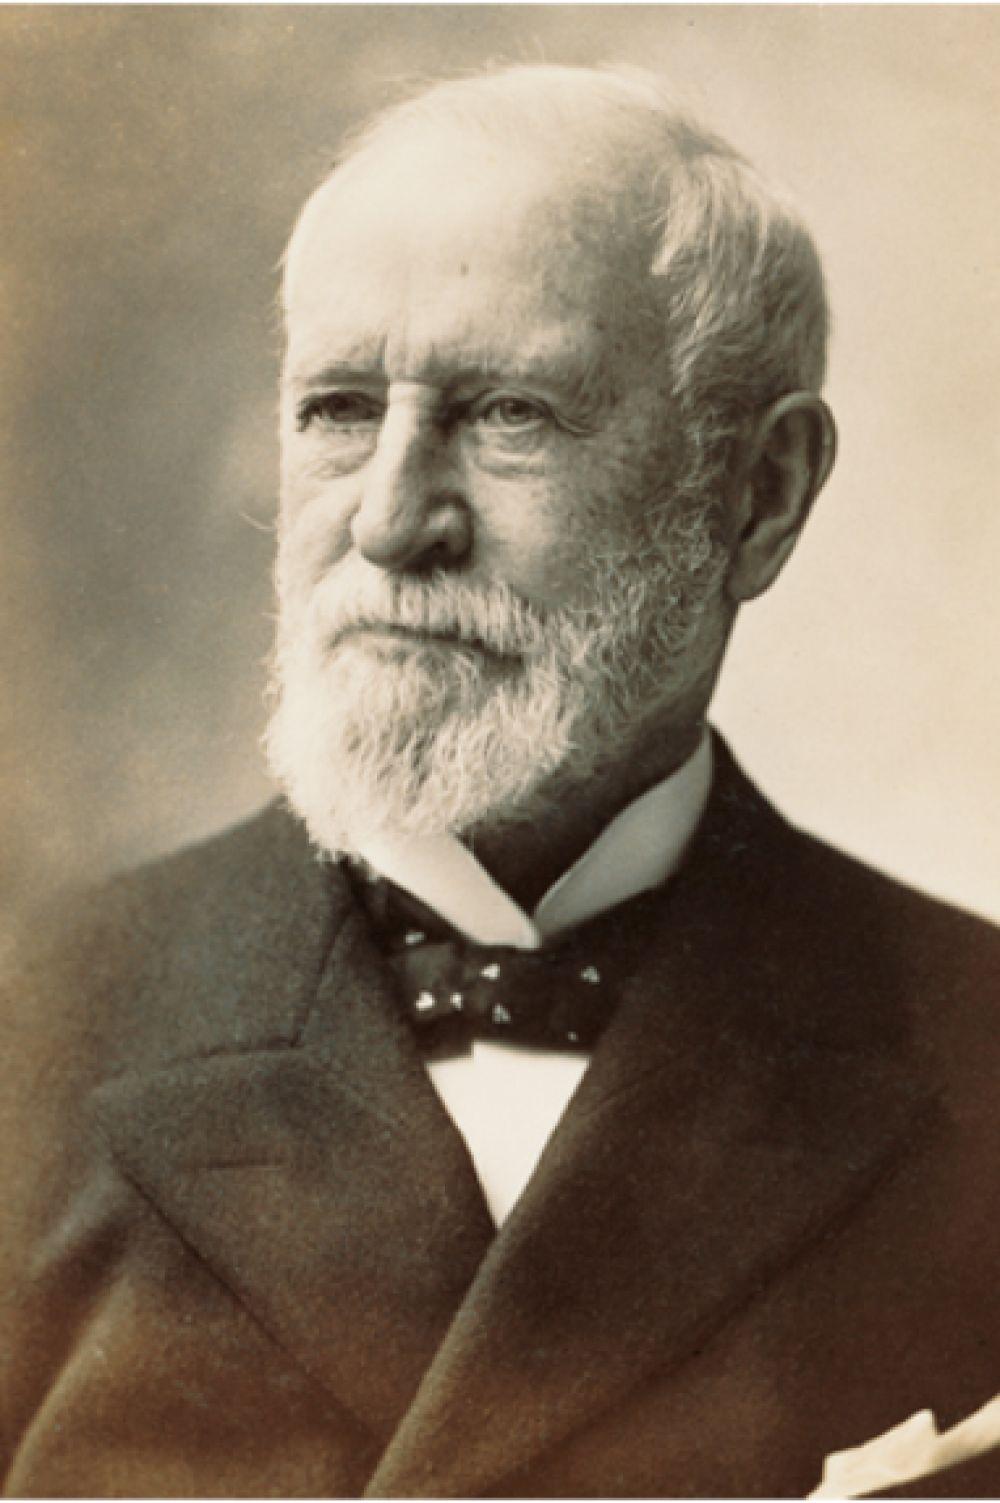 Самым успешным ювелиром XIX века в США был Чарльз Льюис Тиффани. В своё время он не только задавал стандарты в этой области, но также создал первый розничный каталог ювелирных изделий.